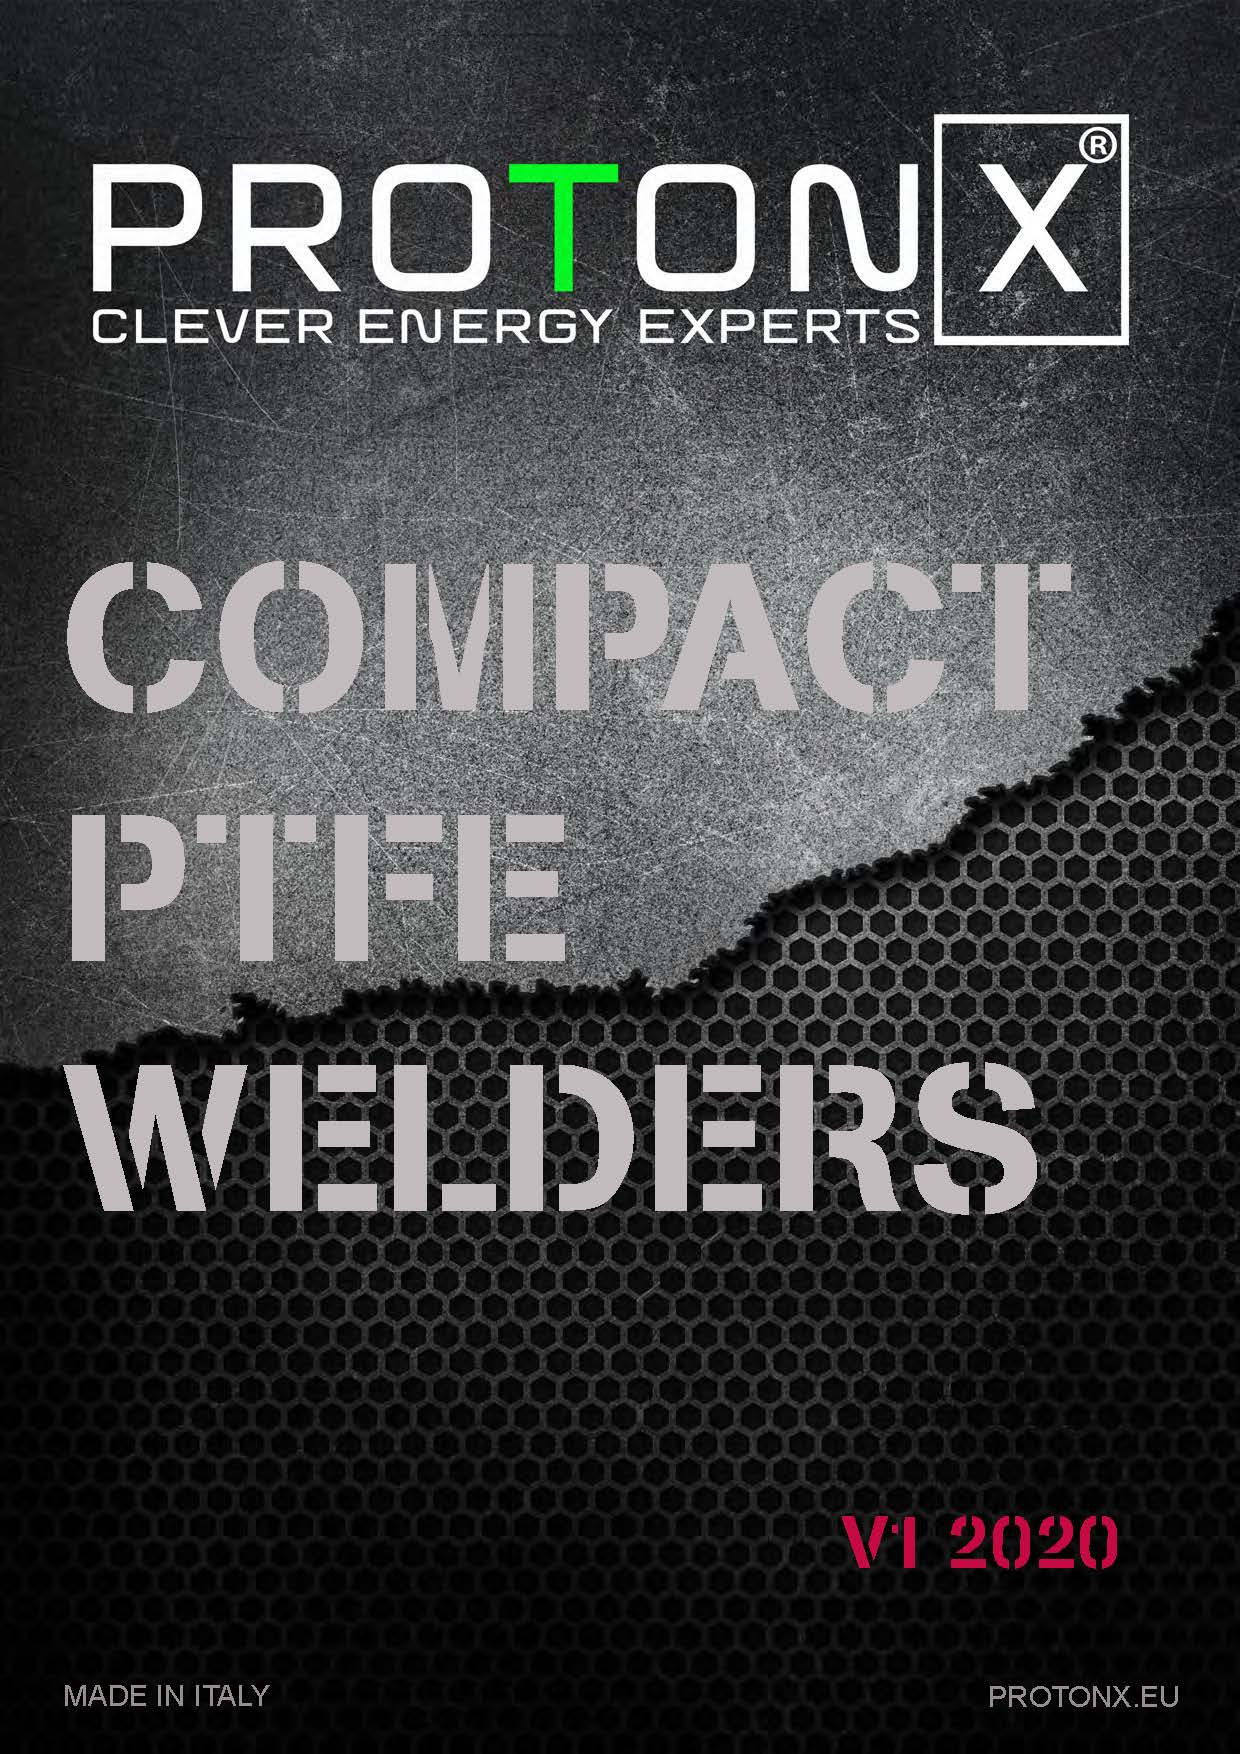 PROTONX ITALY PTFE WELDERS